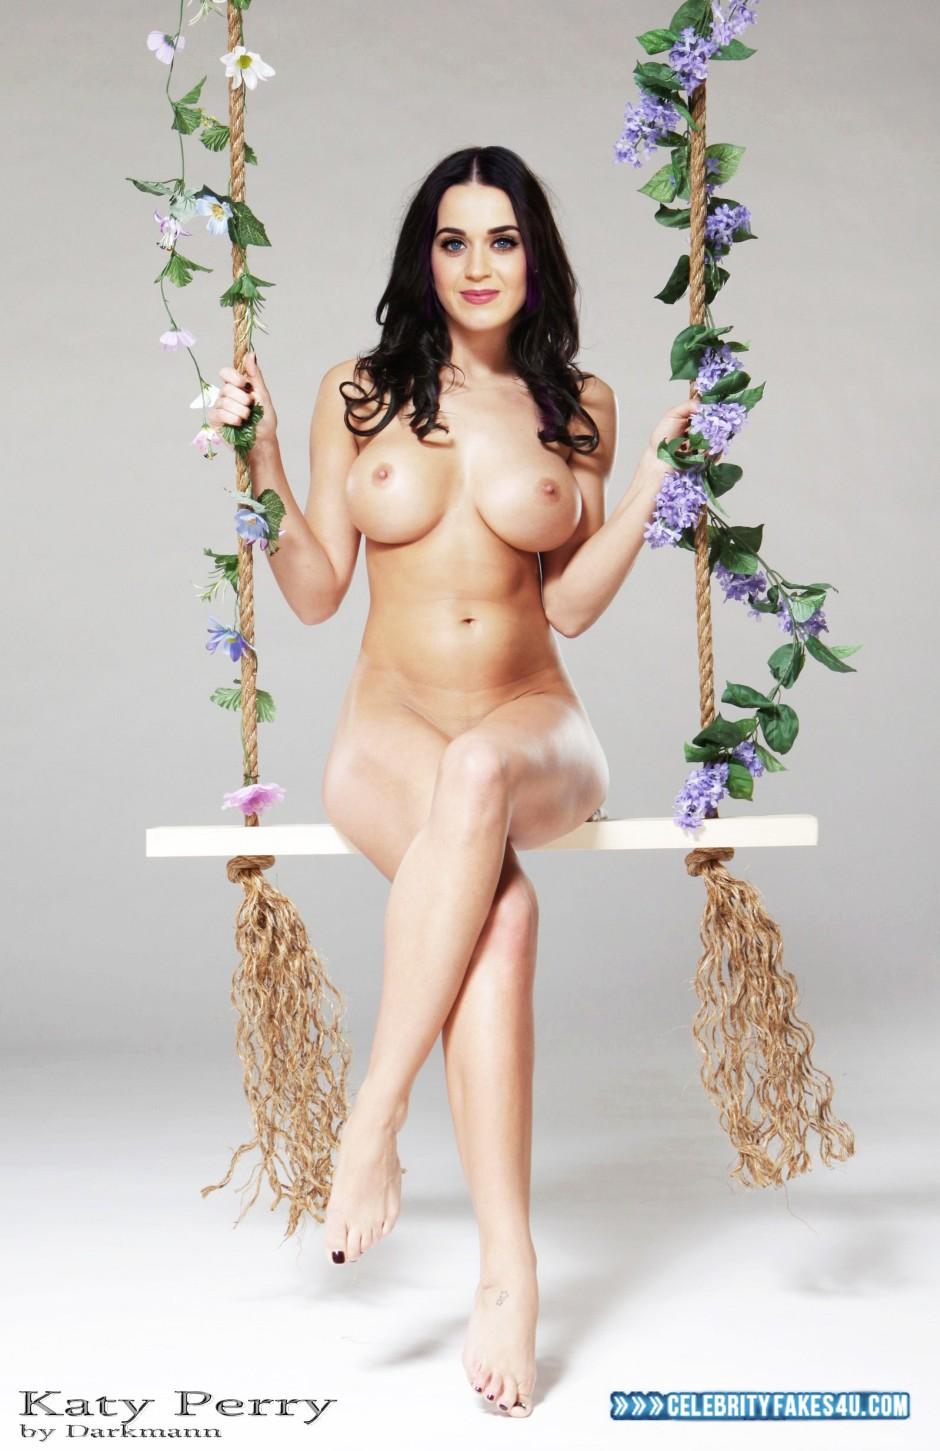 Katy Perry Fully Naked photo 8